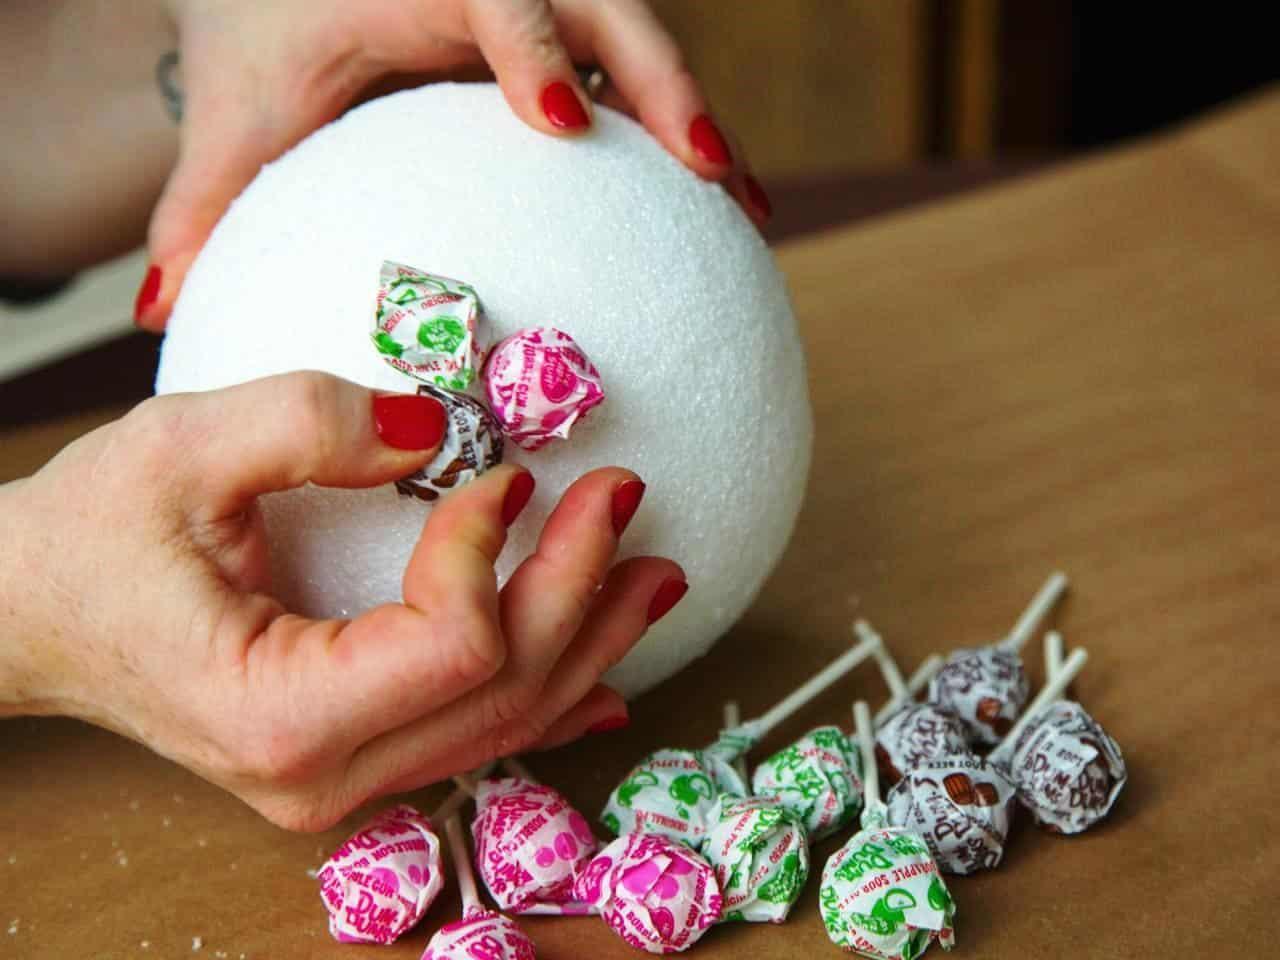 Пенопластовый шар для топиария своими руками | Как сделать шар из пенопласта своими руками: пошаговые инструкции с фото и видео